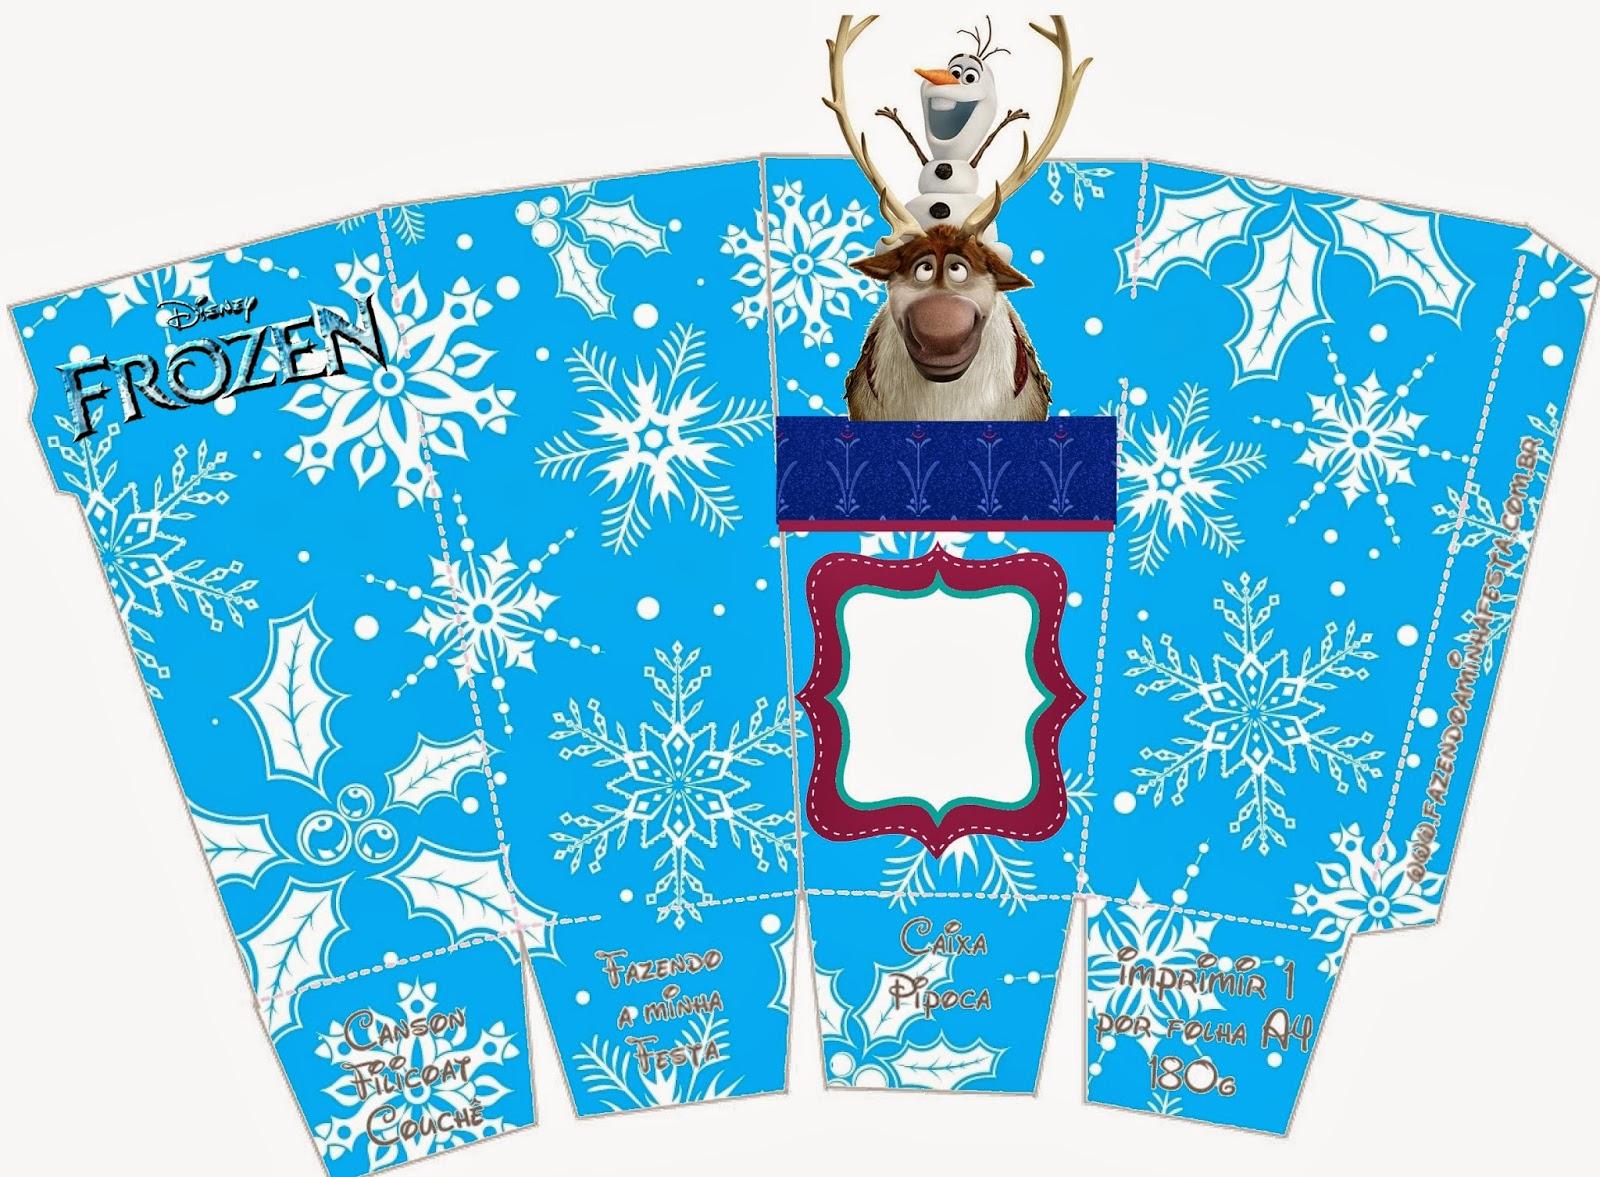 Frozen: Caja de Sven y Olaff para Popcorn, para Imprimir Gratis.